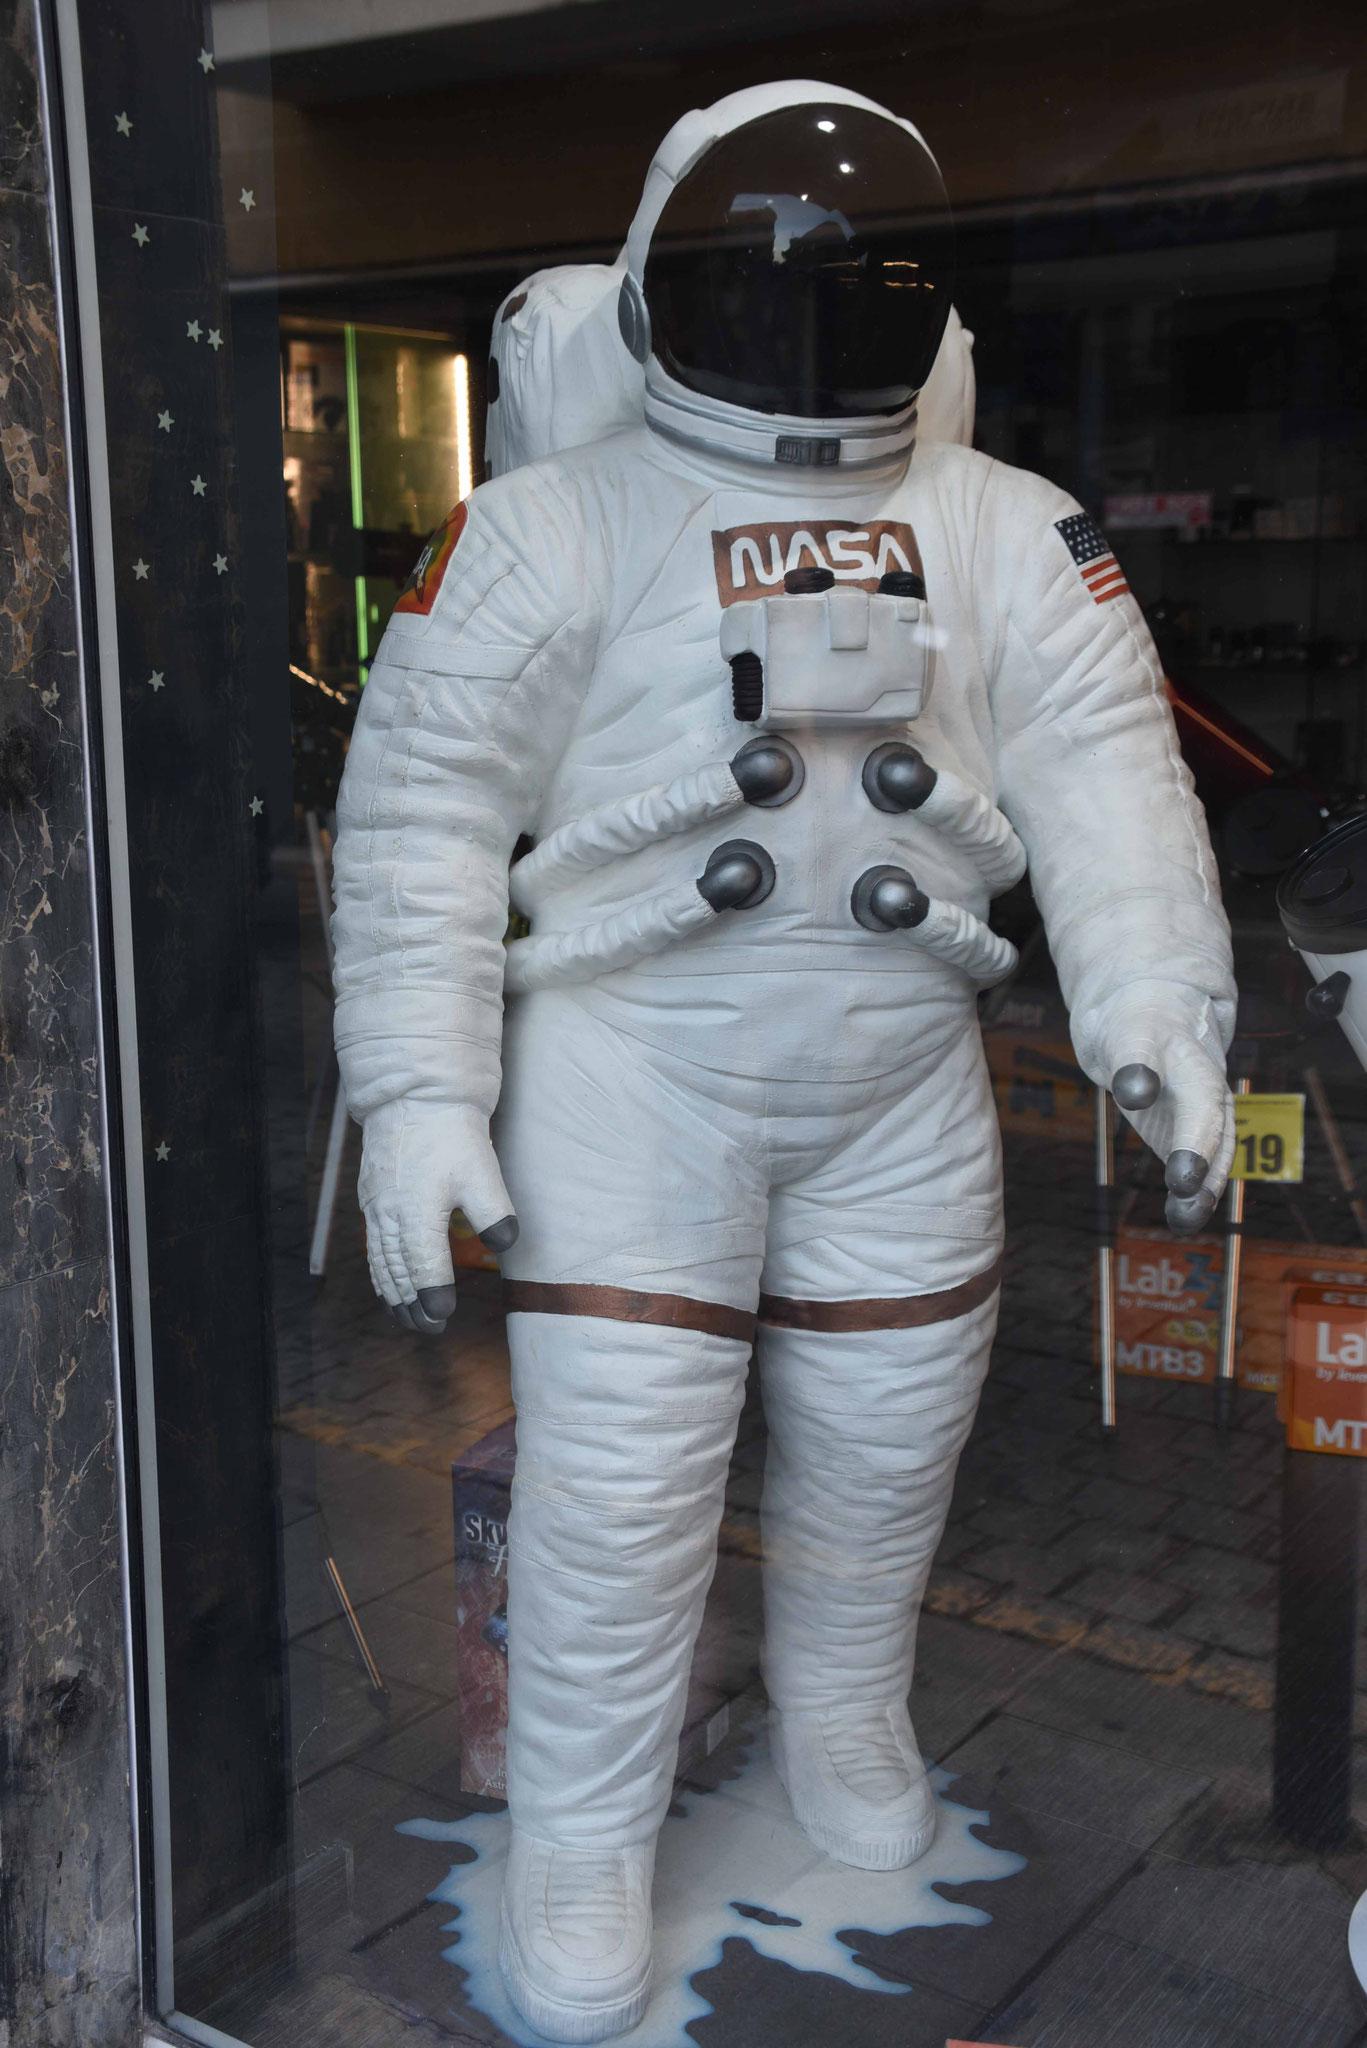 Raumfahranzüge kann man hier auch kaufen!